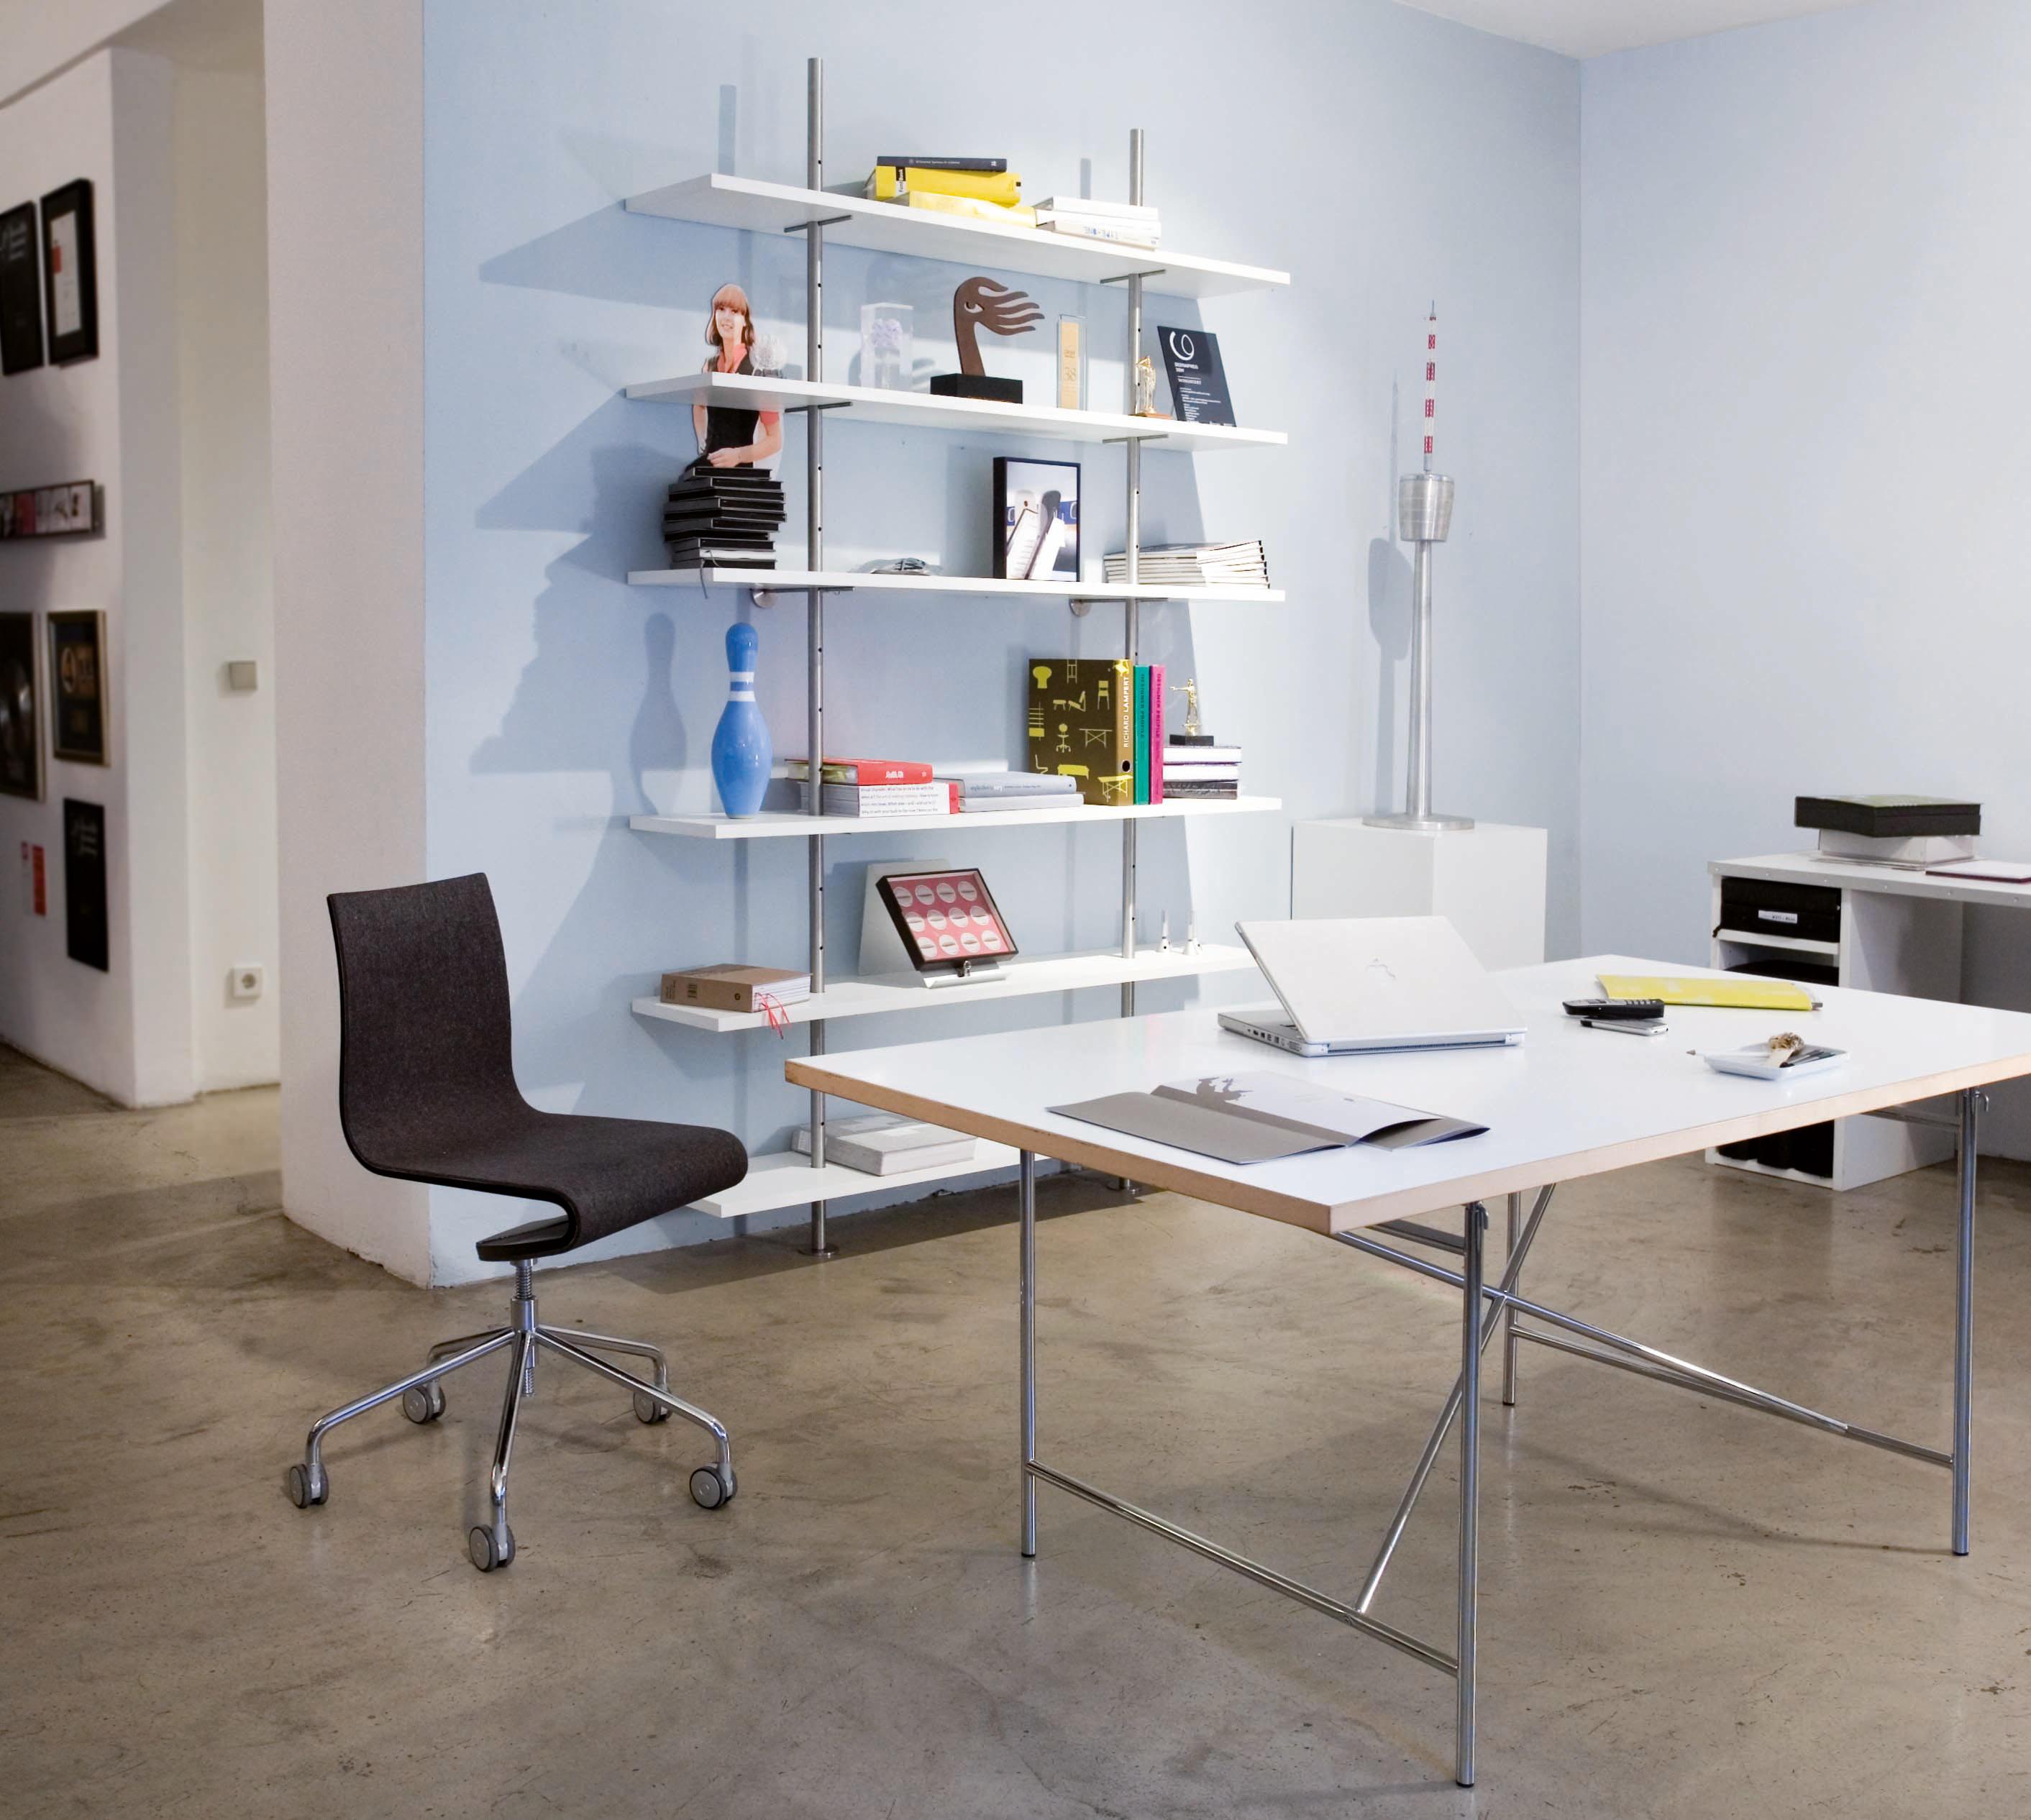 esstisch mit regal perfect affordable esstisch regal kombi elegant elegant regal kchentisch. Black Bedroom Furniture Sets. Home Design Ideas